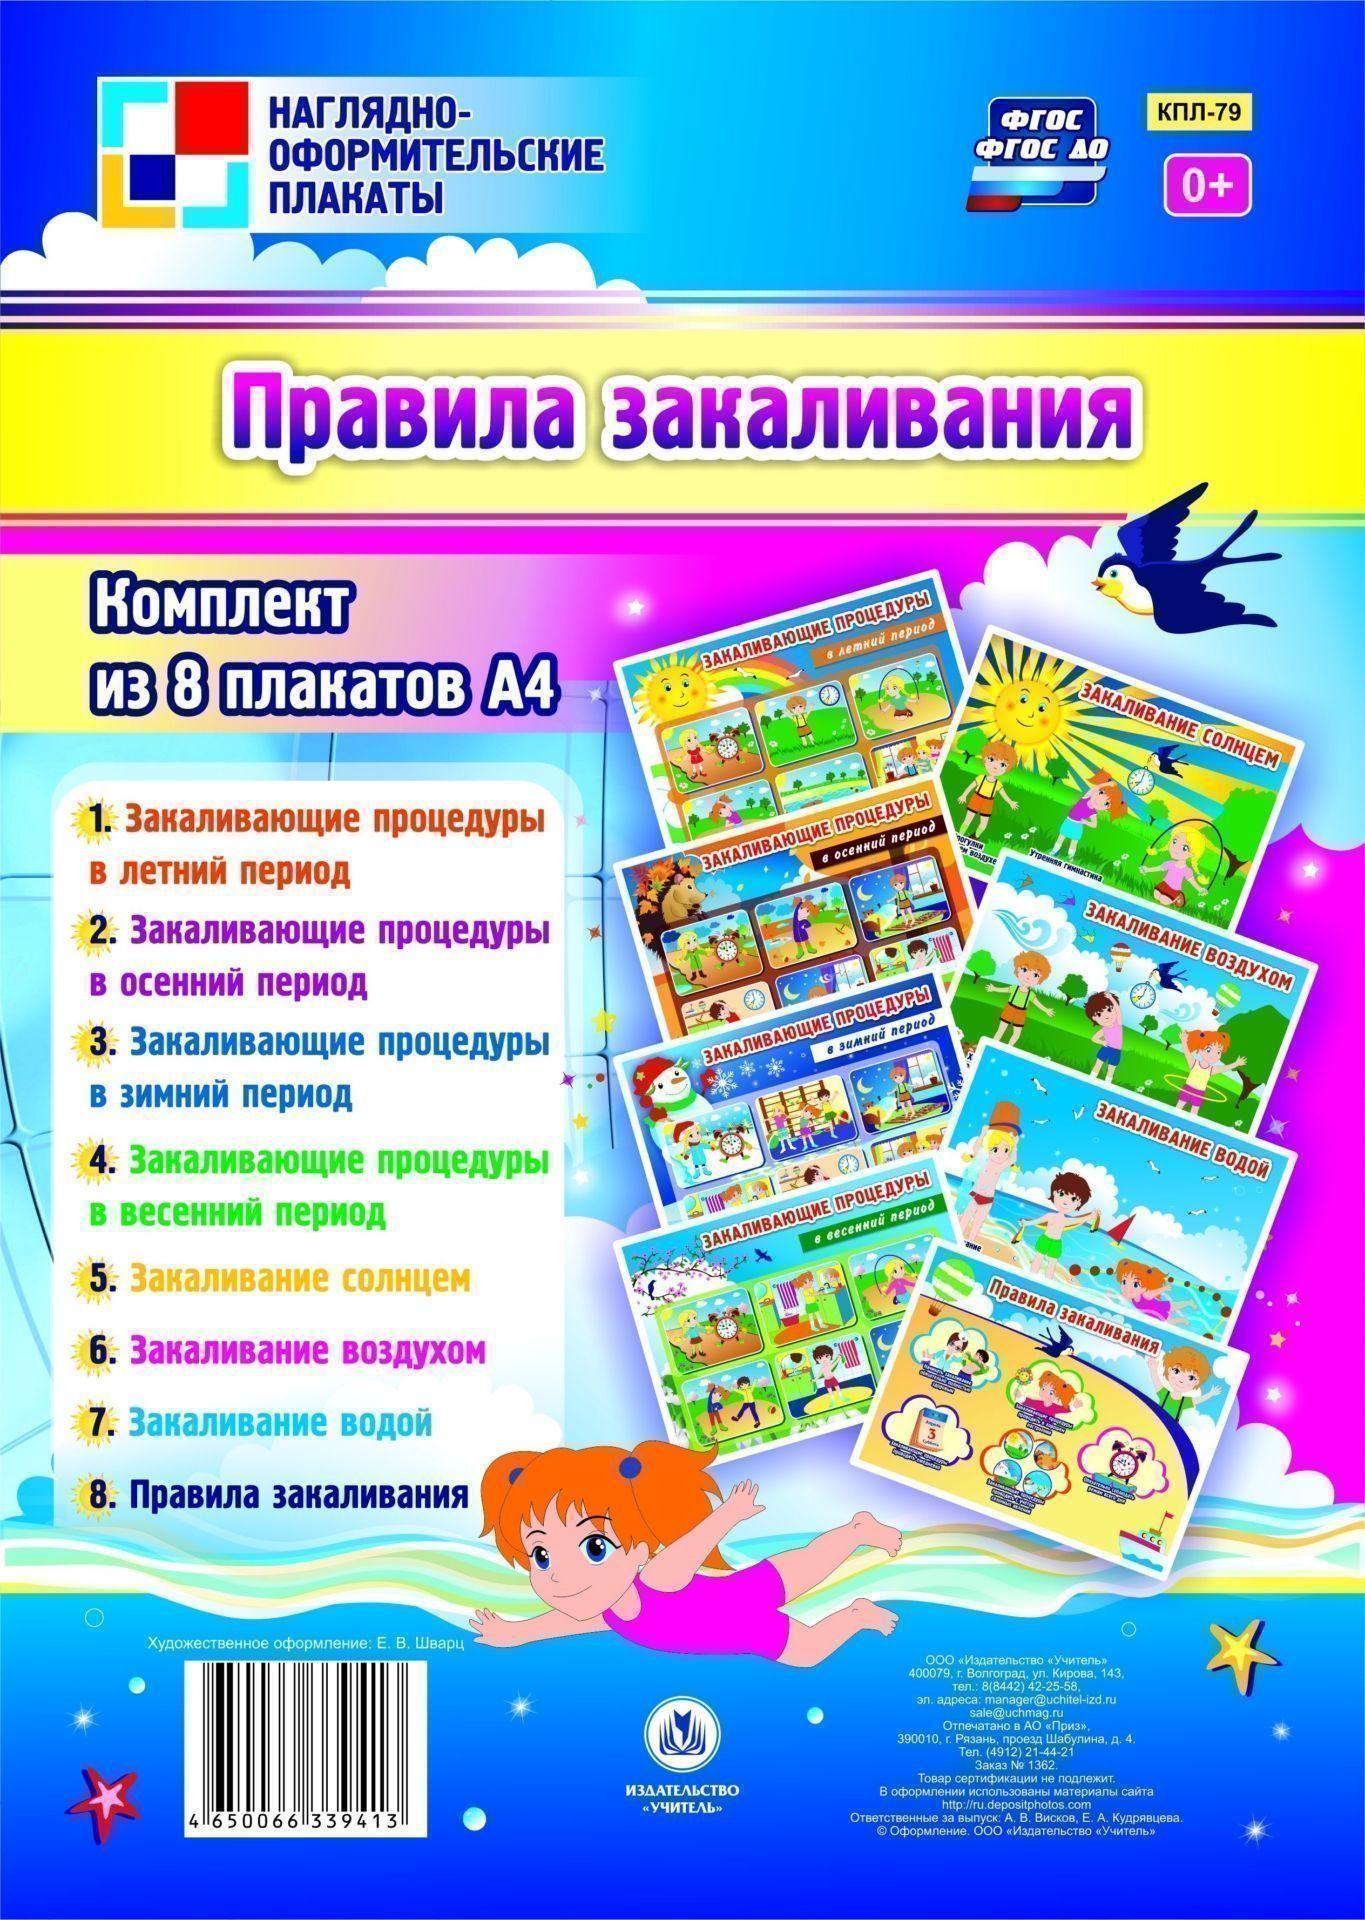 Комплект Правила закаливания: 8 плакатовТематические плакаты<br>Закаливание - это отличный способ укрепления здоровья ребёнка, требующий от родителей, воспитателей и учителей терпения, самодисциплины и определённых медицинских знаний.Комплект включает 8 наглядно-оформительских плакатов:1.Закаливающие процедуры в летни...<br><br>Год: 2017<br>Серия: Наглядно-оформительские плакаты<br>Высота: 290<br>Ширина: 205<br>Толщина: 3<br>Переплёт: набор